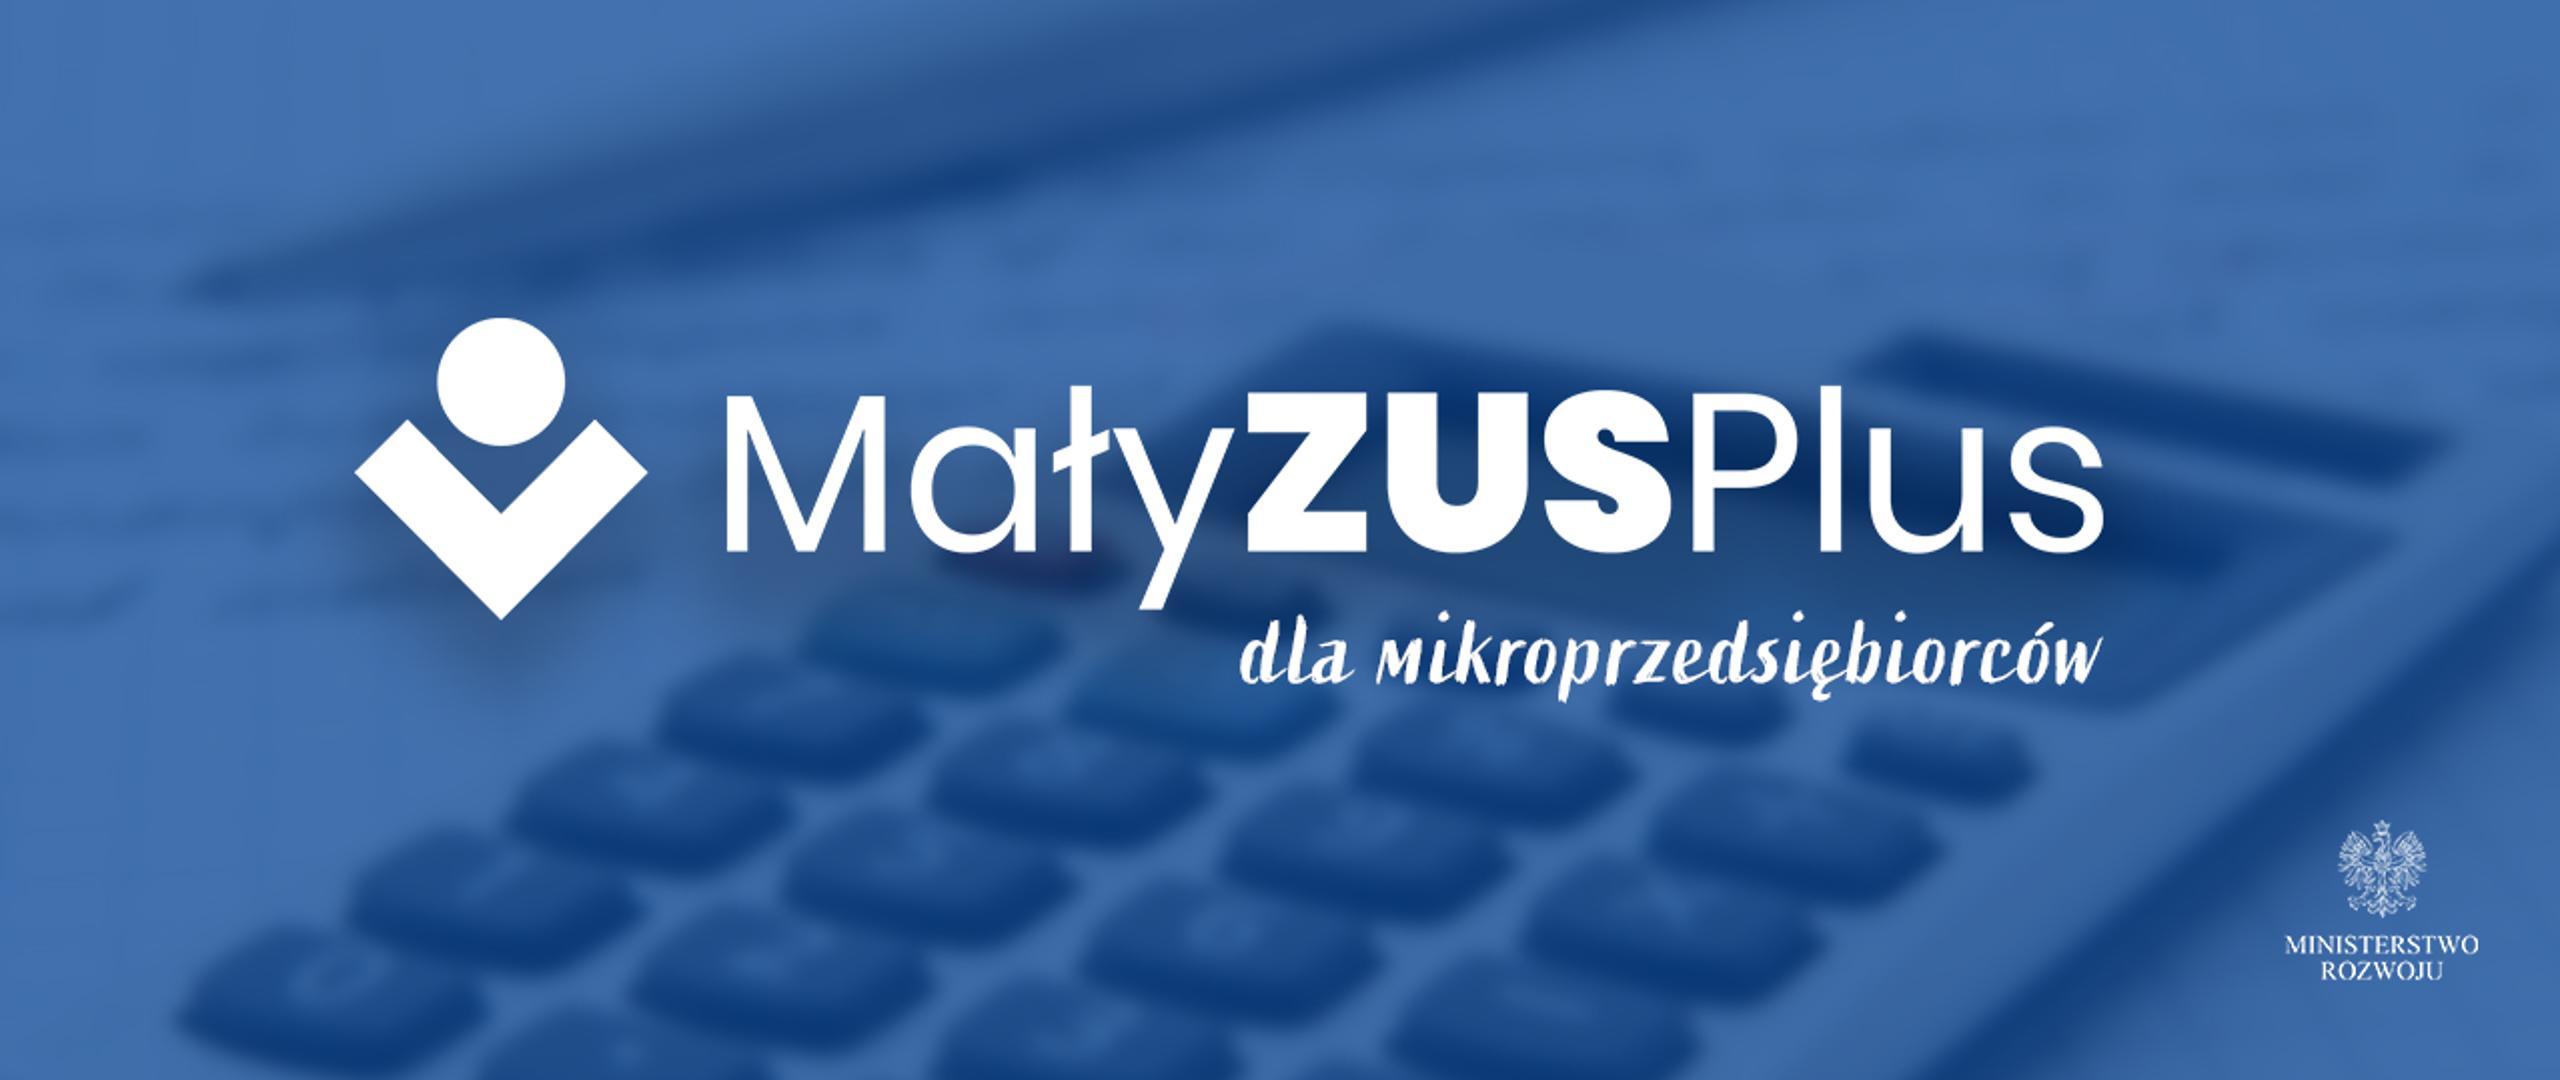 Na niebieskim tle biały napis Mały ZUS Plus dla mikroprzedsiębiorców